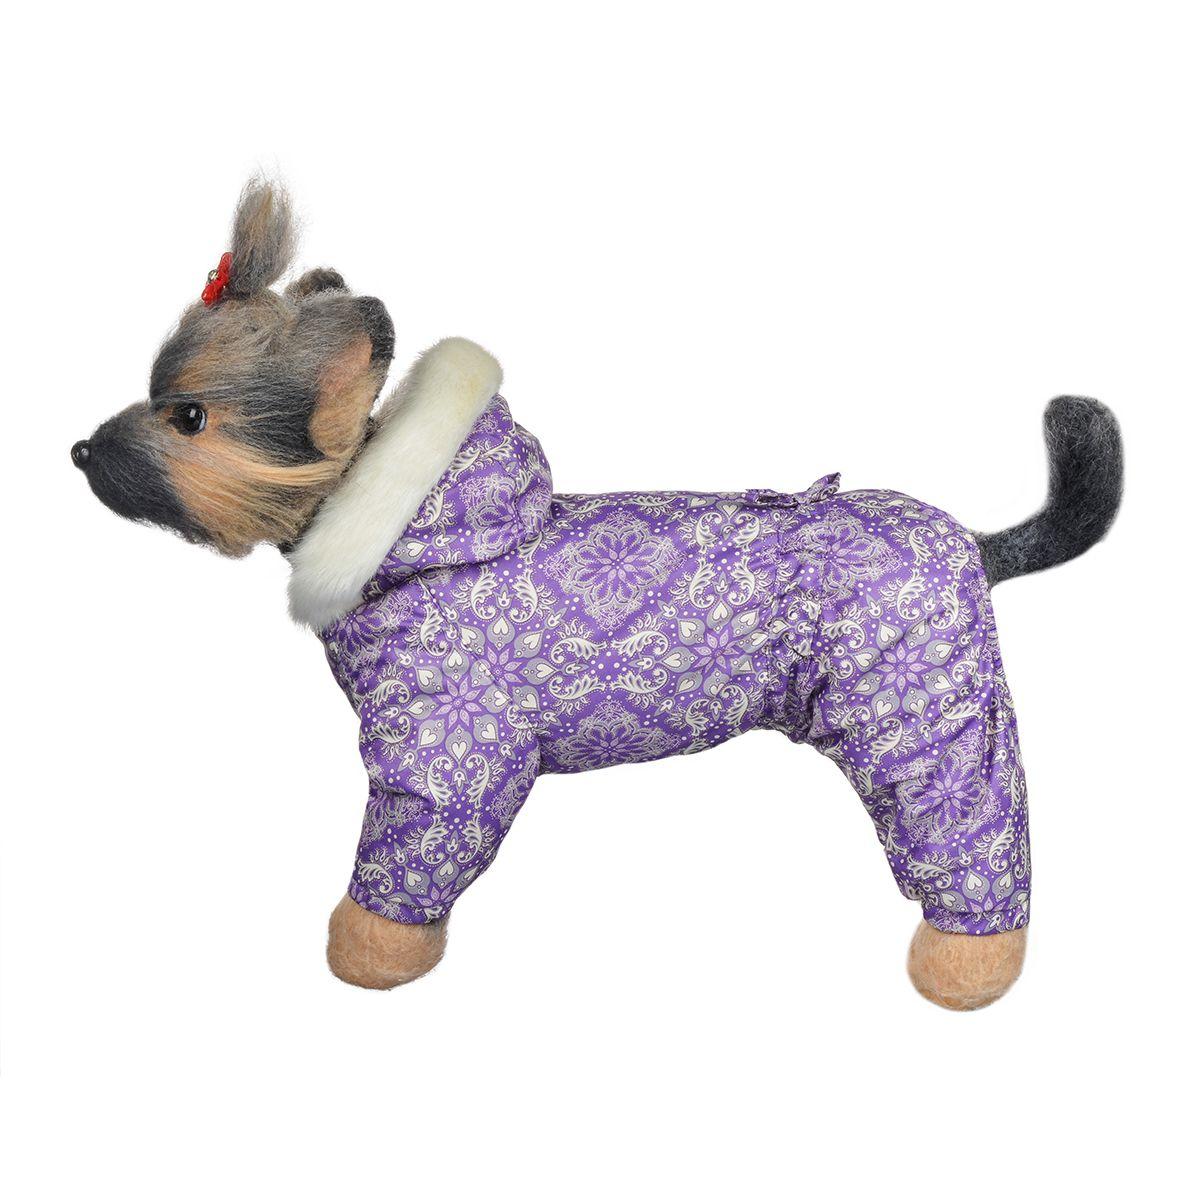 Комбинезон для собак Dogmoda Winter, зимний, для девочки, цвет: фиолетовый, белый, серый. Размер 4 (XL) комбинезон для собак dogmoda doggs зимний для девочки цвет фиолетовый размер xxl